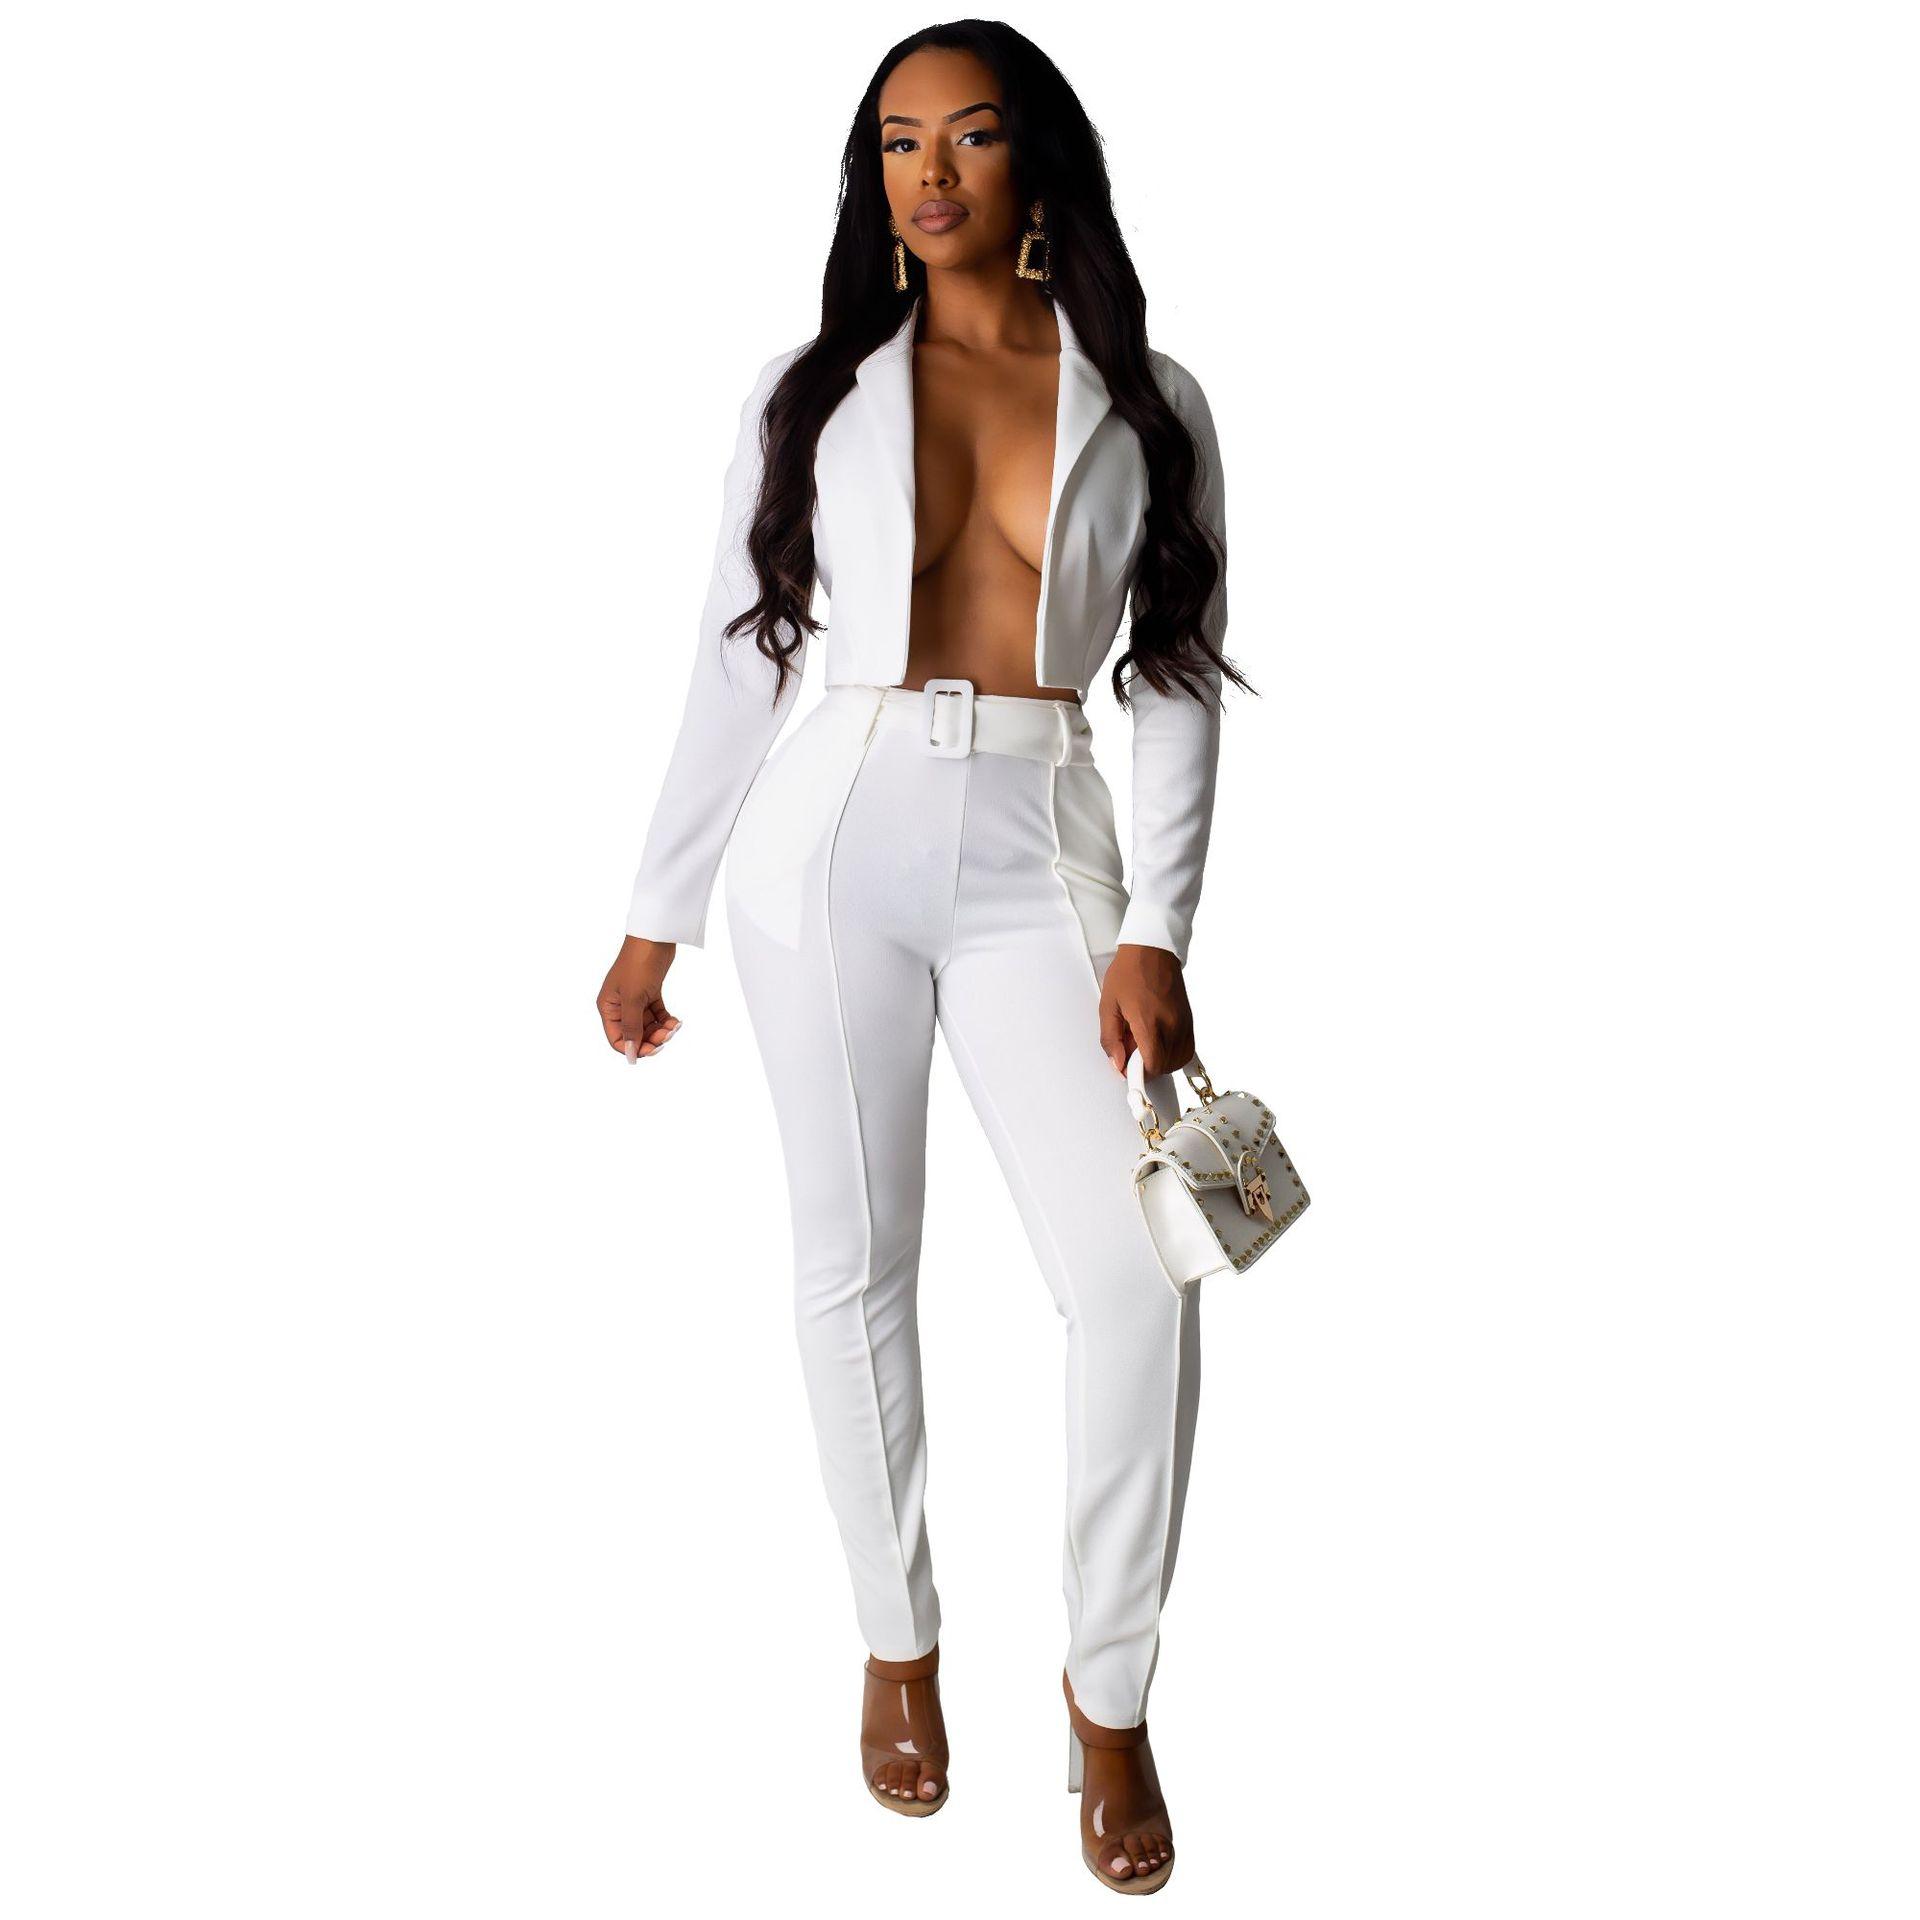 Echoine сексуальный женский Блейзер комплект с v-образным вырезом сексуальный шикарный костюм женский офисный комплект из 2 предметов наряды ж...(Китай)